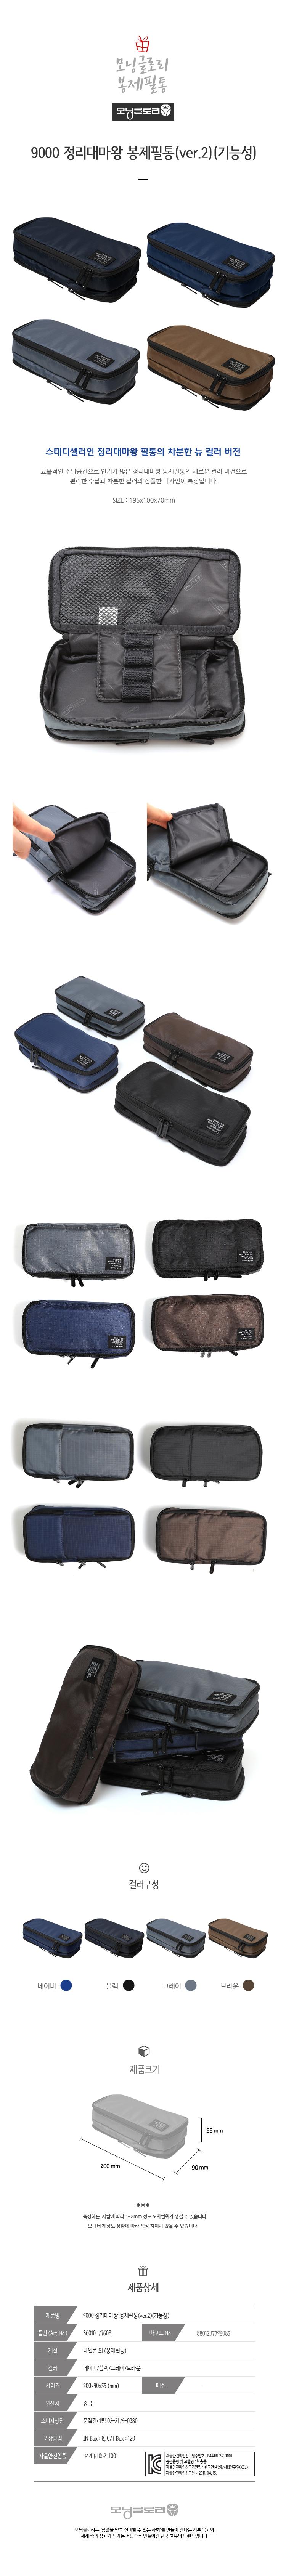 모닝글로리 9000 정리대마왕 봉제필통 ver.2 기능성 색상임의배송 - 더스페이스, 9,000원, 패브릭필통, 심플